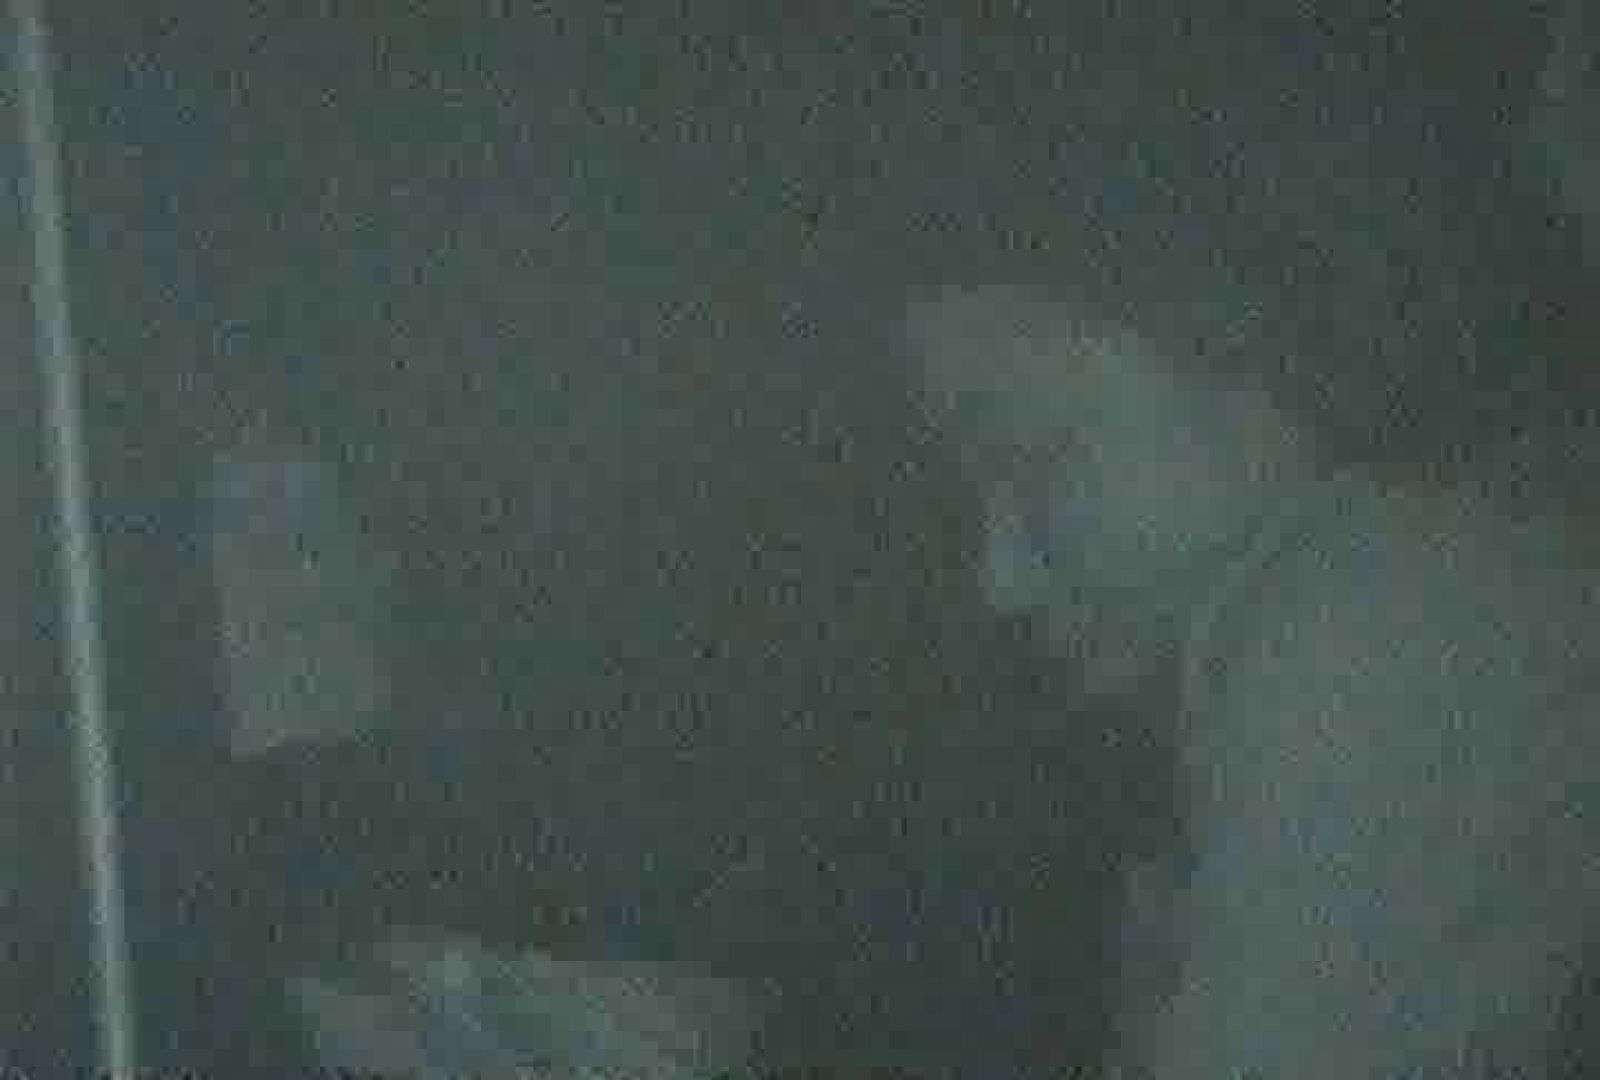 充血監督の深夜の運動会Vol.93 OLの実態 のぞき濡れ場動画紹介 79pic 68